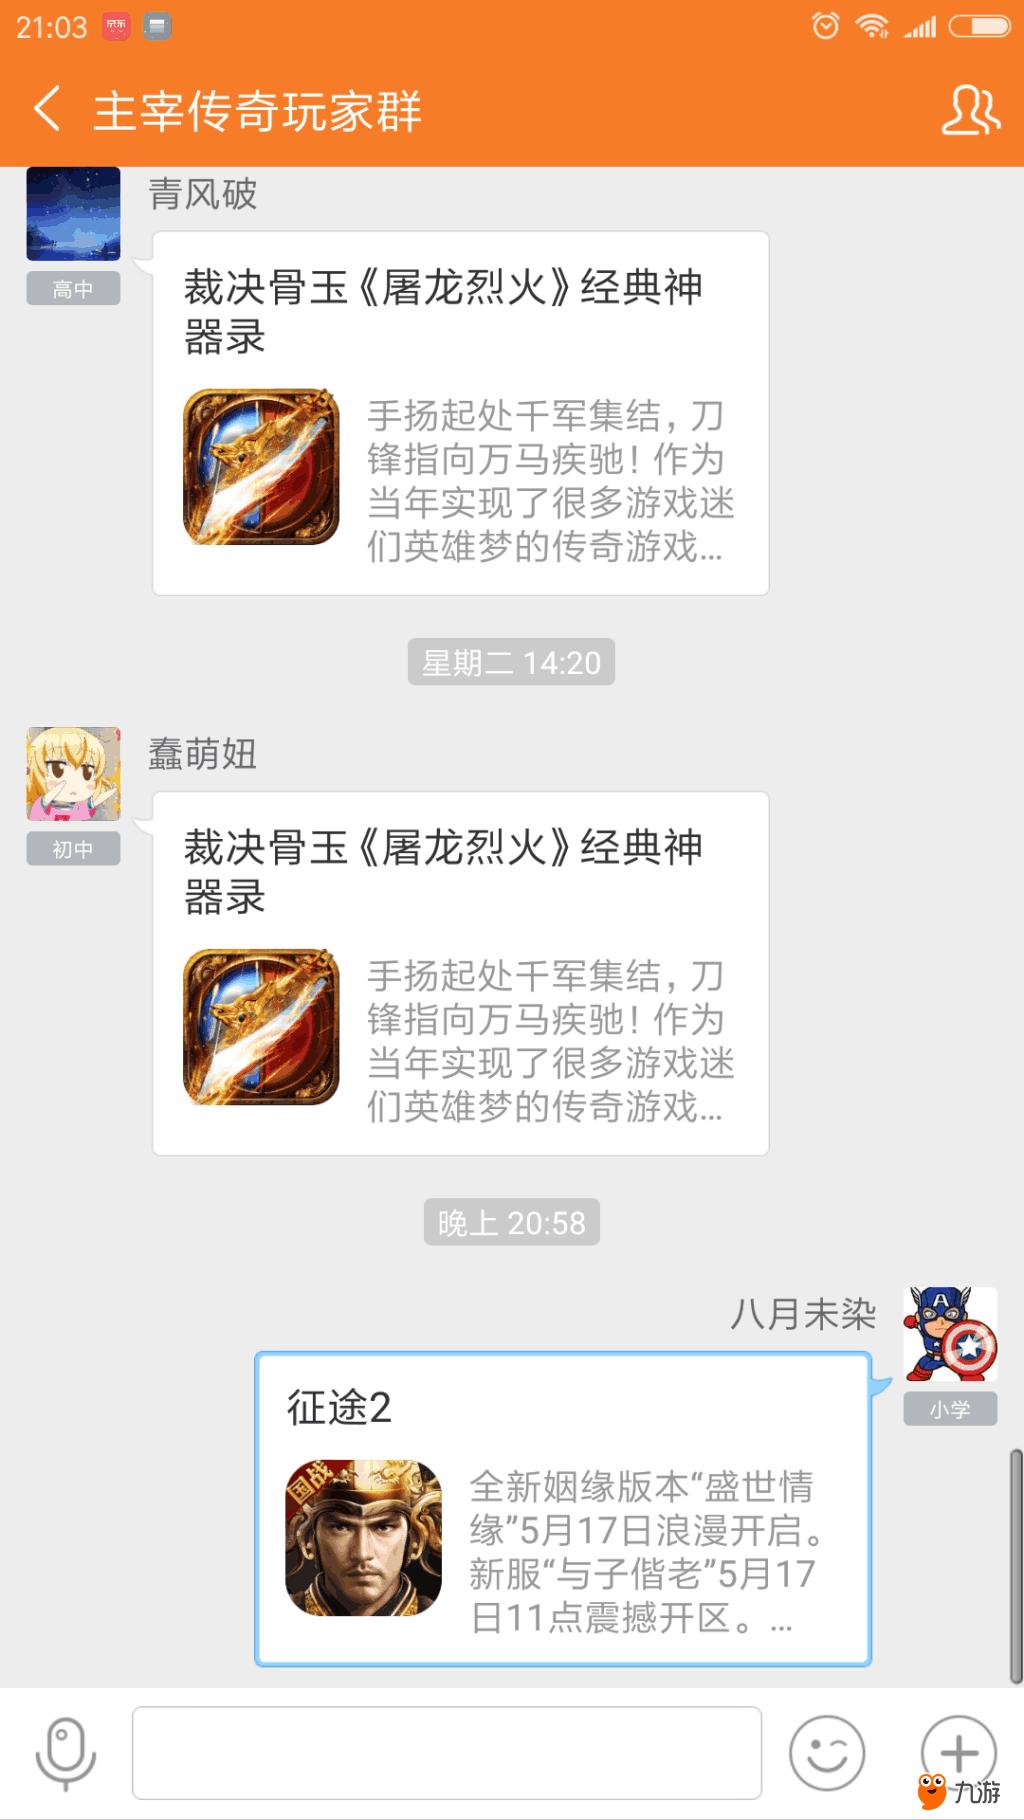 Screenshot_2018s06s14s21s03s49s449_cn.ninegame.ga.png